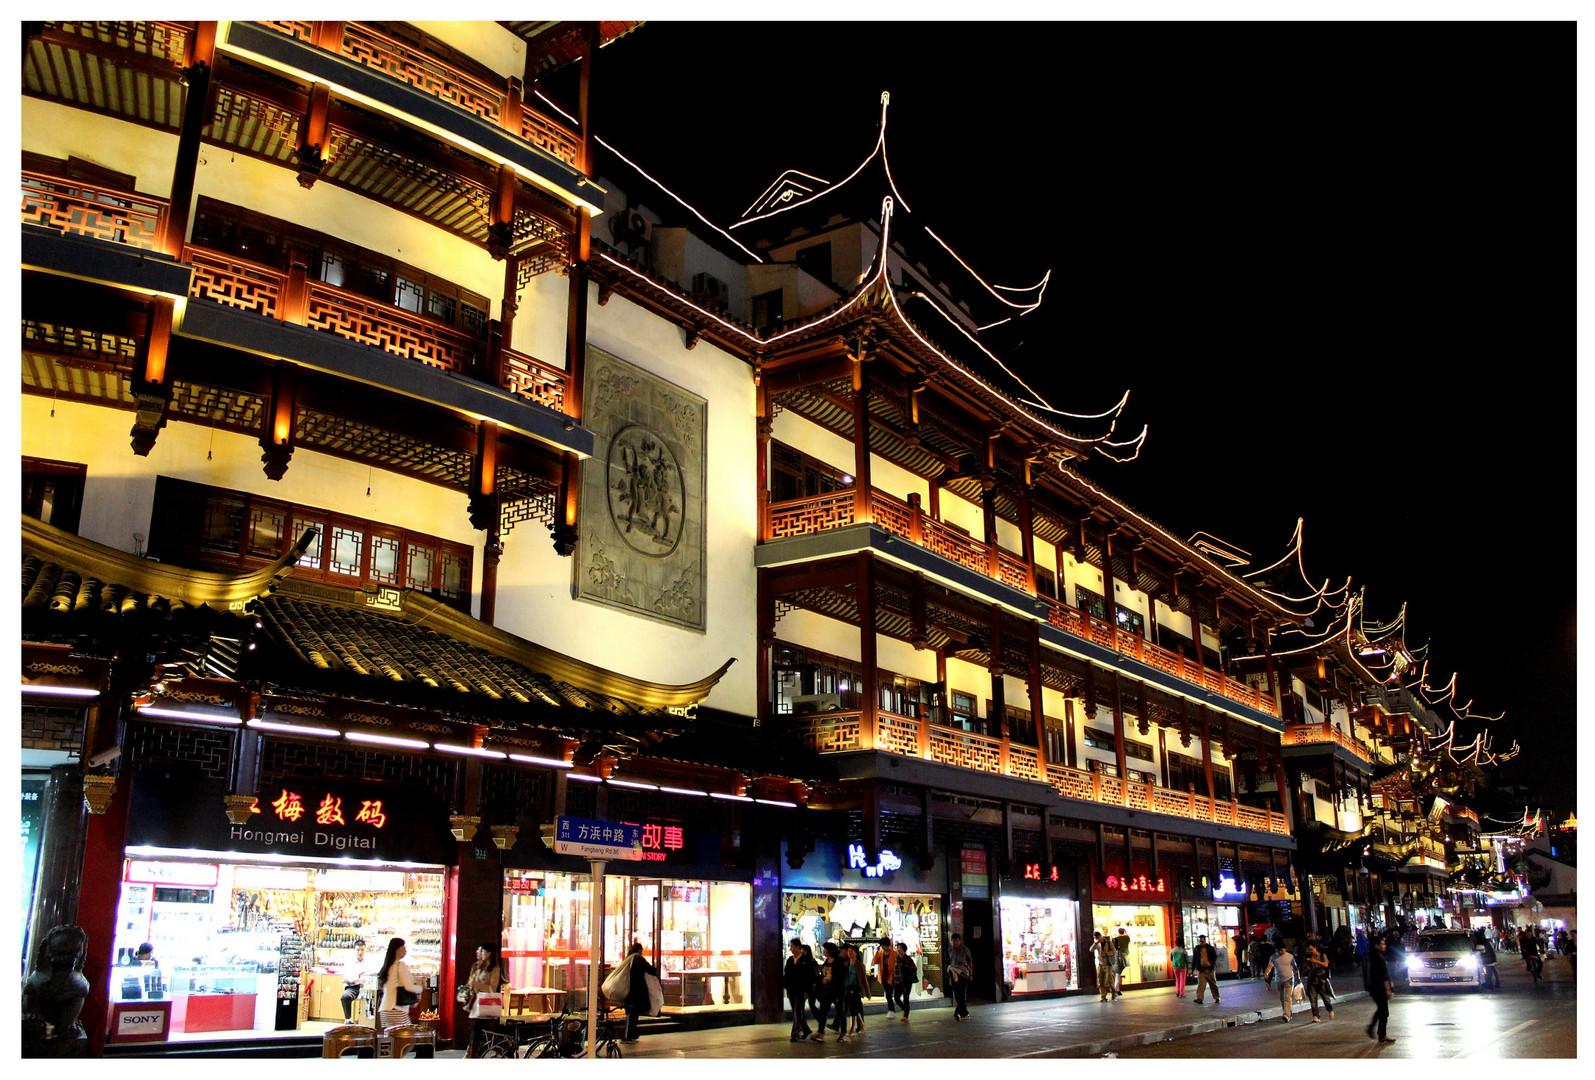 Shanghai am Abend